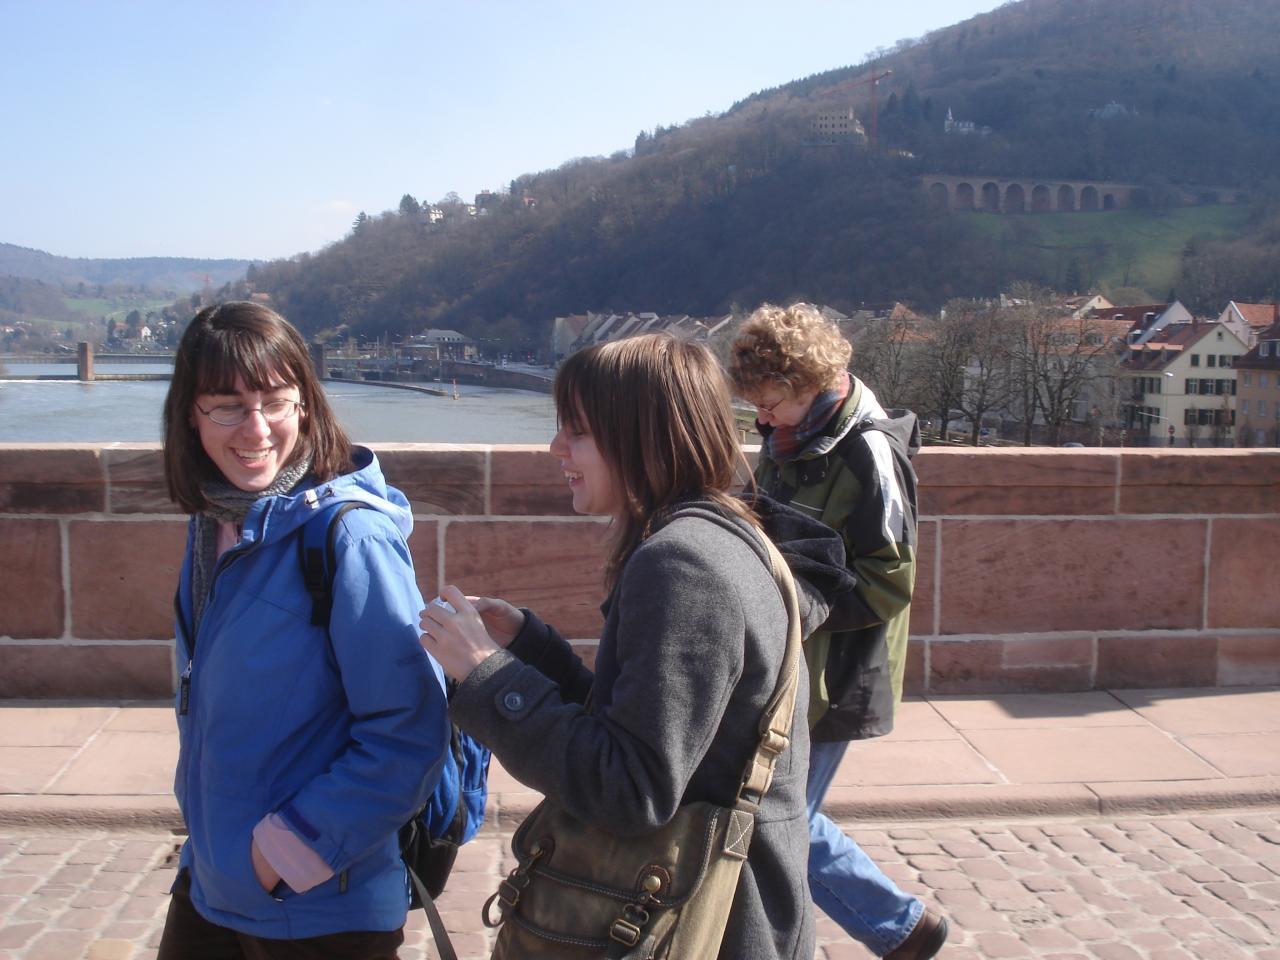 heidelberg-bridge-lauren-natalie-ben.jpg